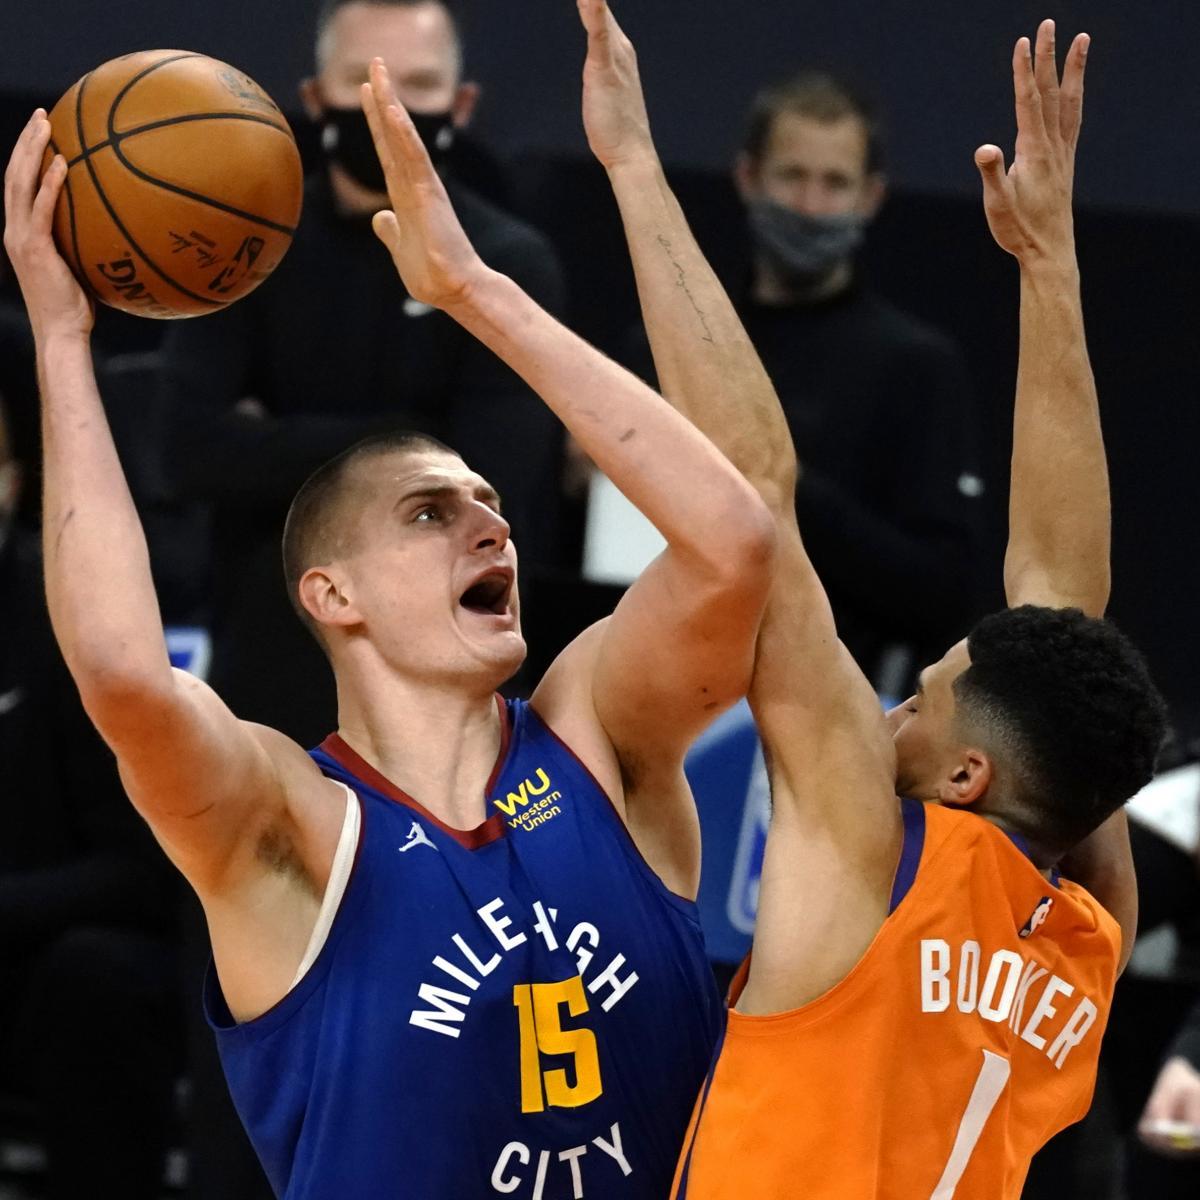 Nikola Jokic Drops 31 Points as Nuggets Outlast Devin Booker, Suns in OT